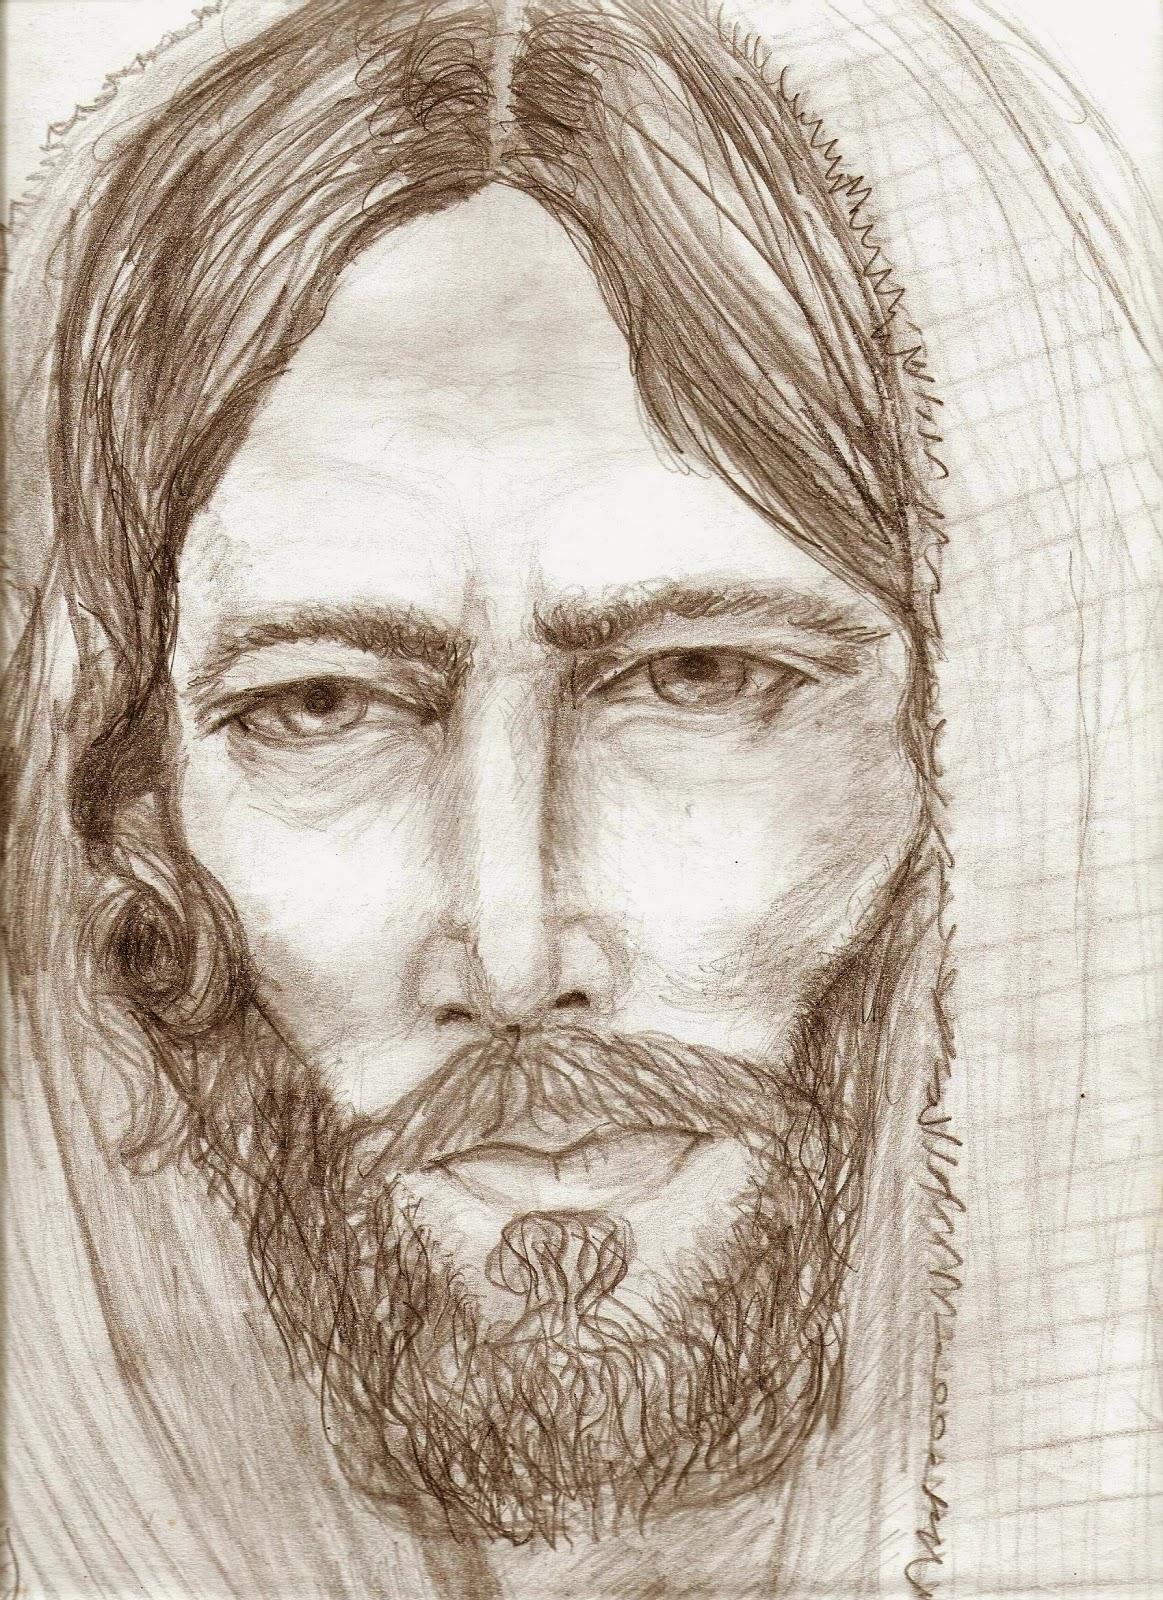 isus, iisus, desen isus, desen iisus, portret isus, portret iisus, desen creion, desen in creion, portret creion, paste, de paste, iisus pe cruce, iisus rastignit, iisus din nazaret, iisus inviere, iisus hristos, iisus din nazareth, iisus paste,